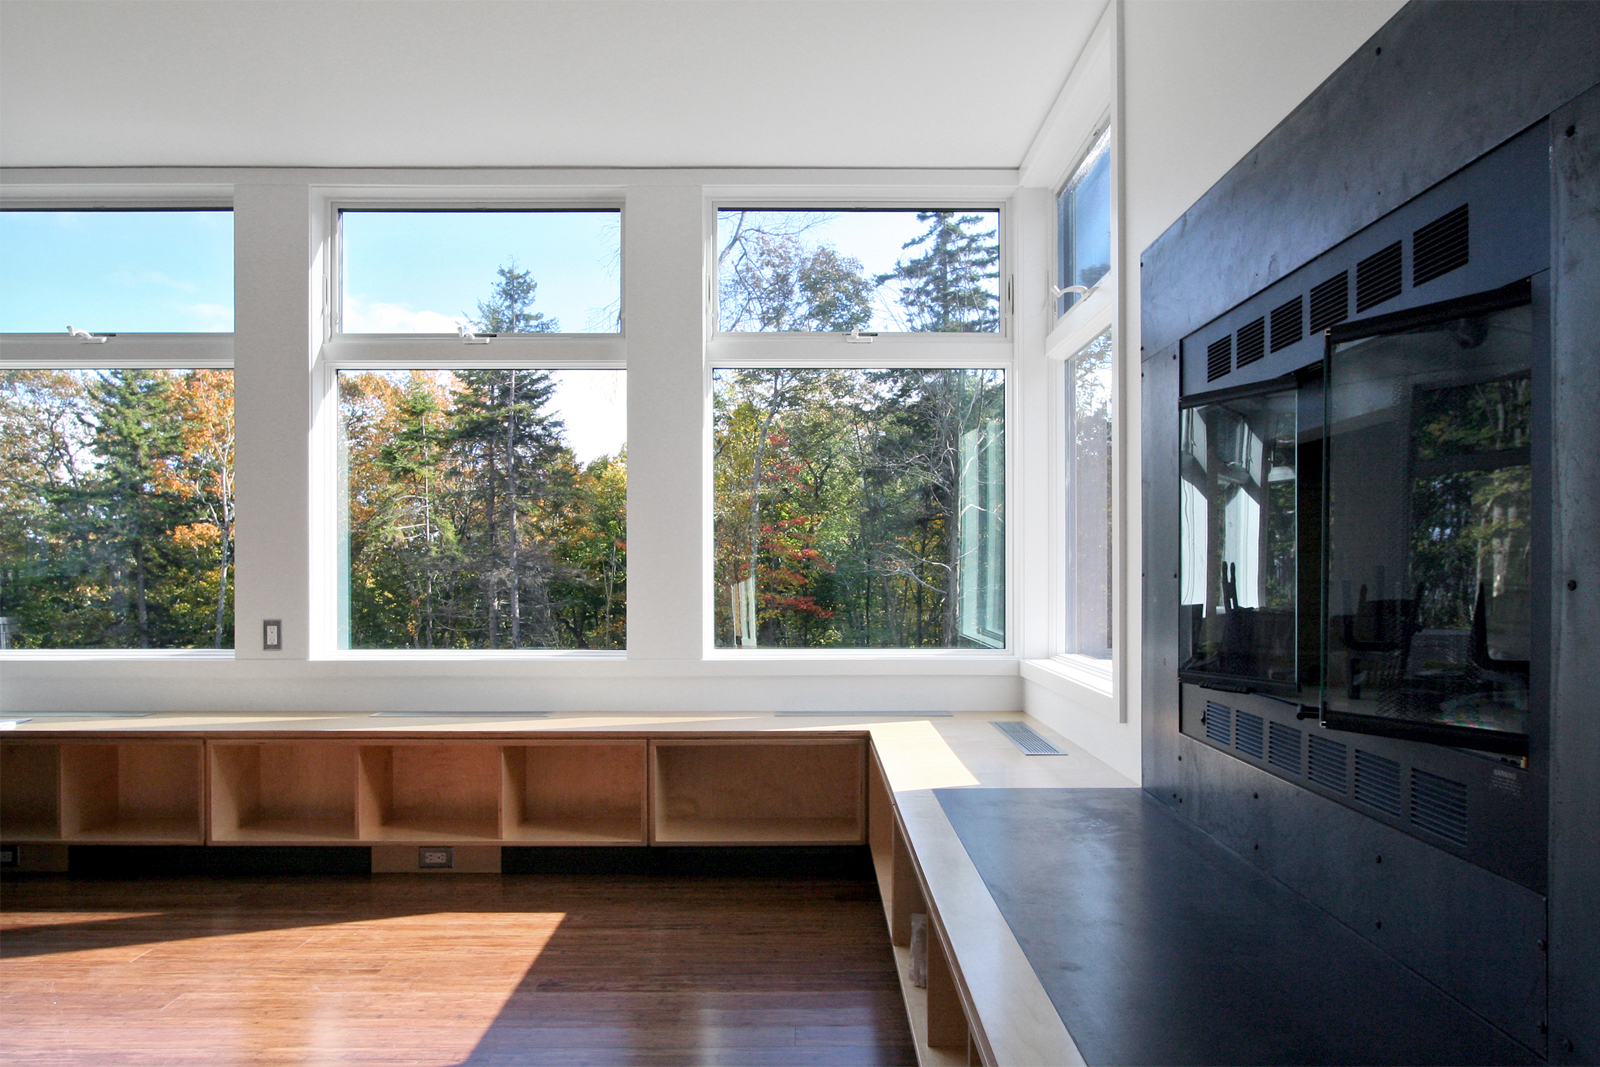 08-res4-resolution-4-architecture-modern-modular-home-prefab-house-vermont-cabin-interior.jpg